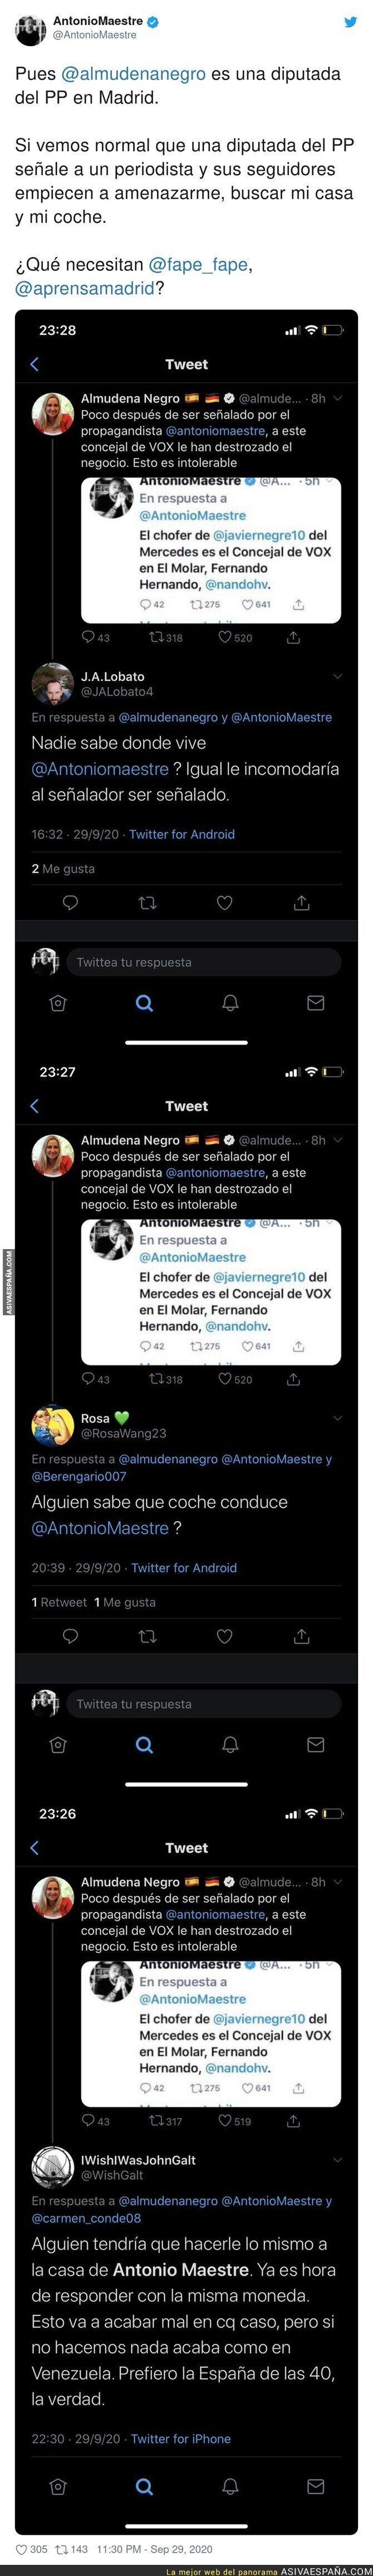 391561 - La diputada Almudena Negro señalando a Antonio Maestre en redes sociales